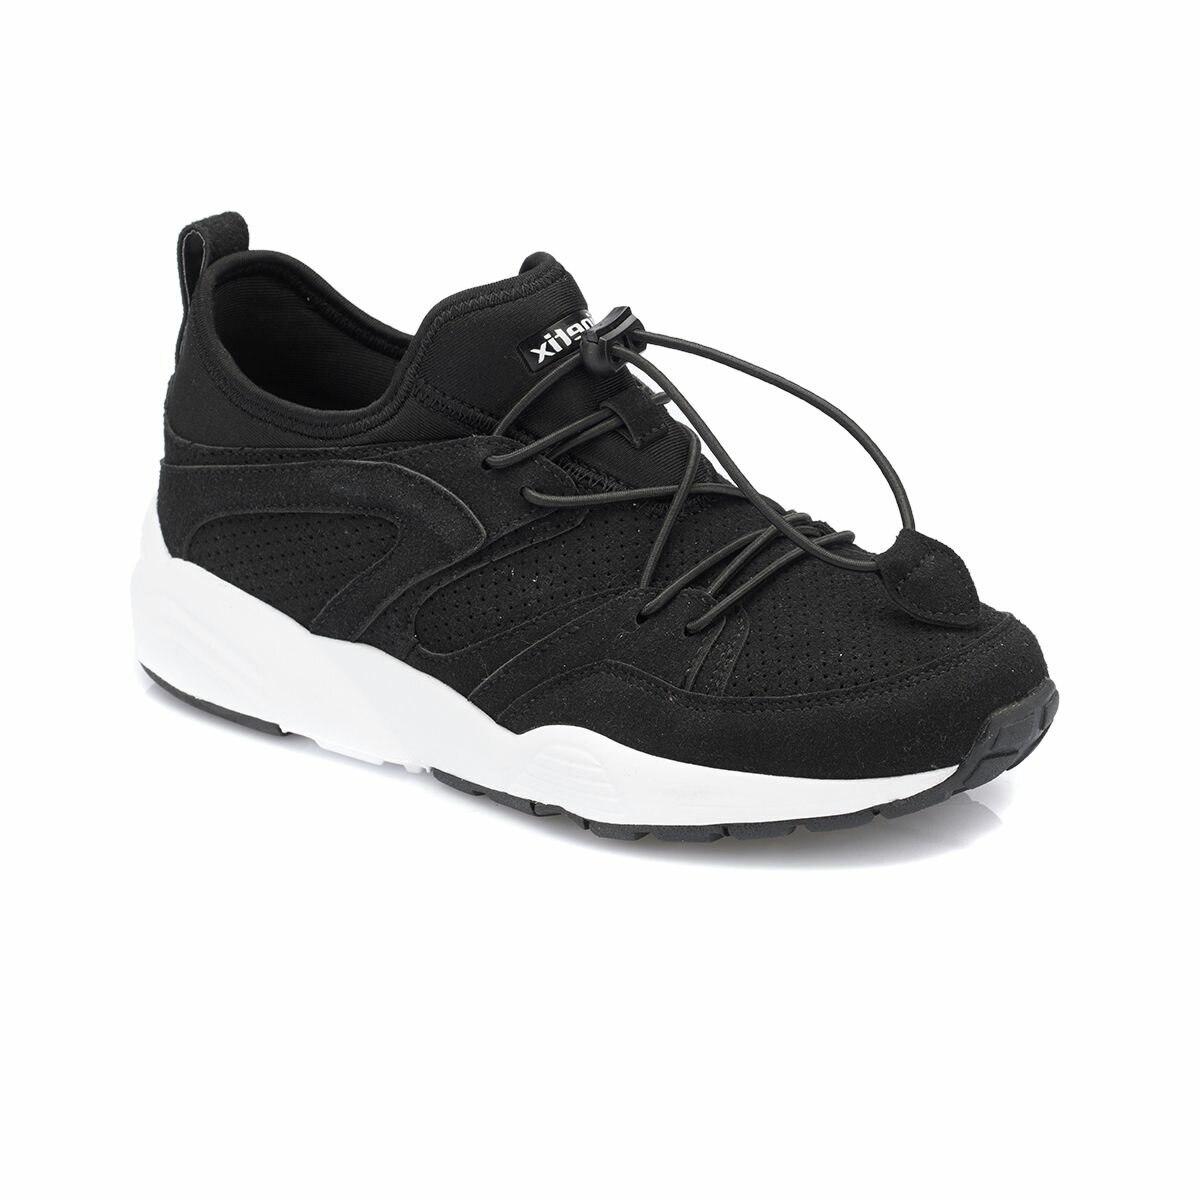 FLO IRLA W Black Women 'S Sneaker Shoes KINETIX